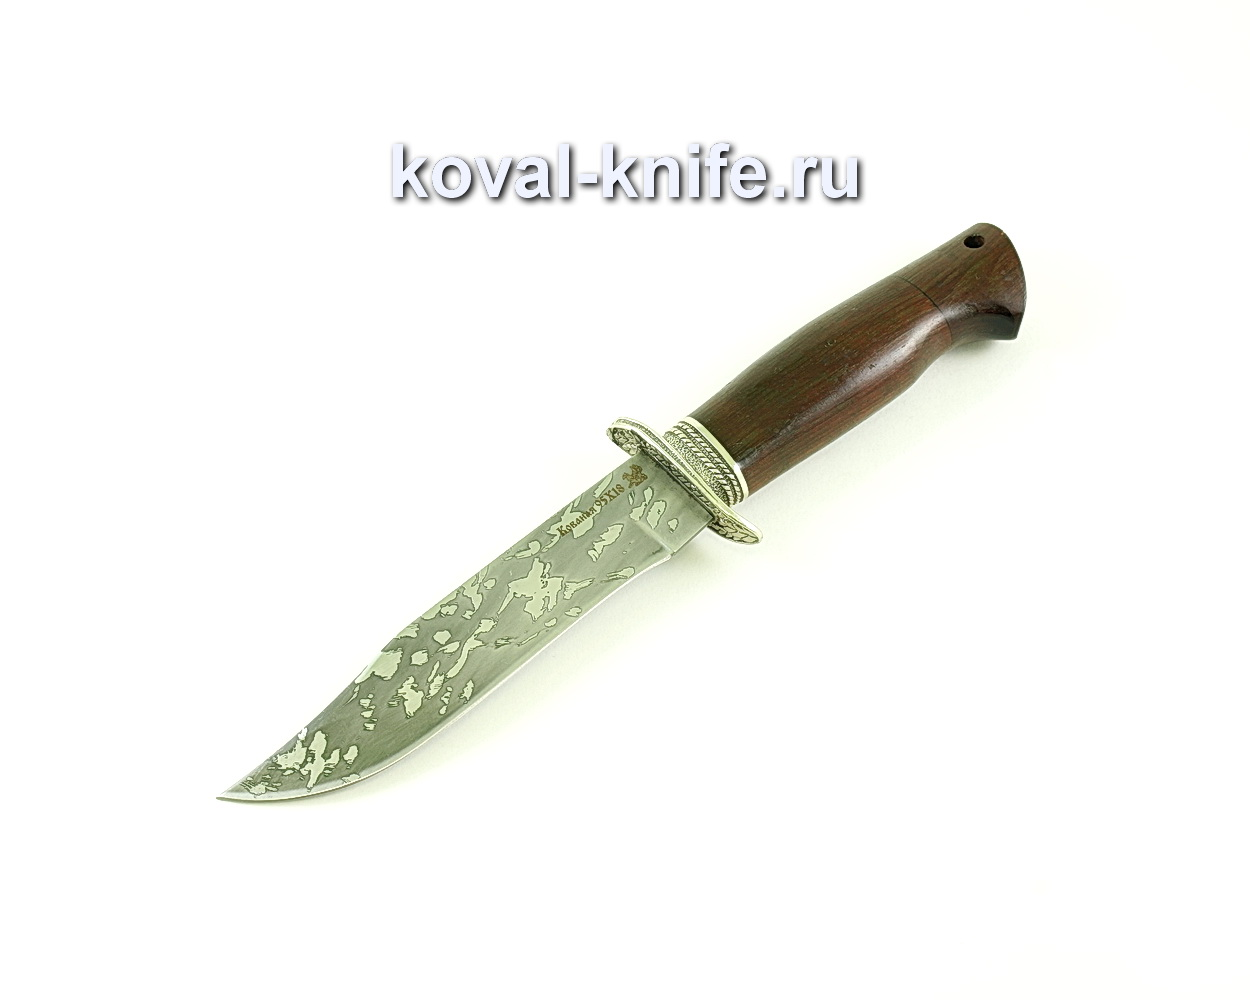 Нож Викинг (сталь 95х18), рукоять венге, литье A280